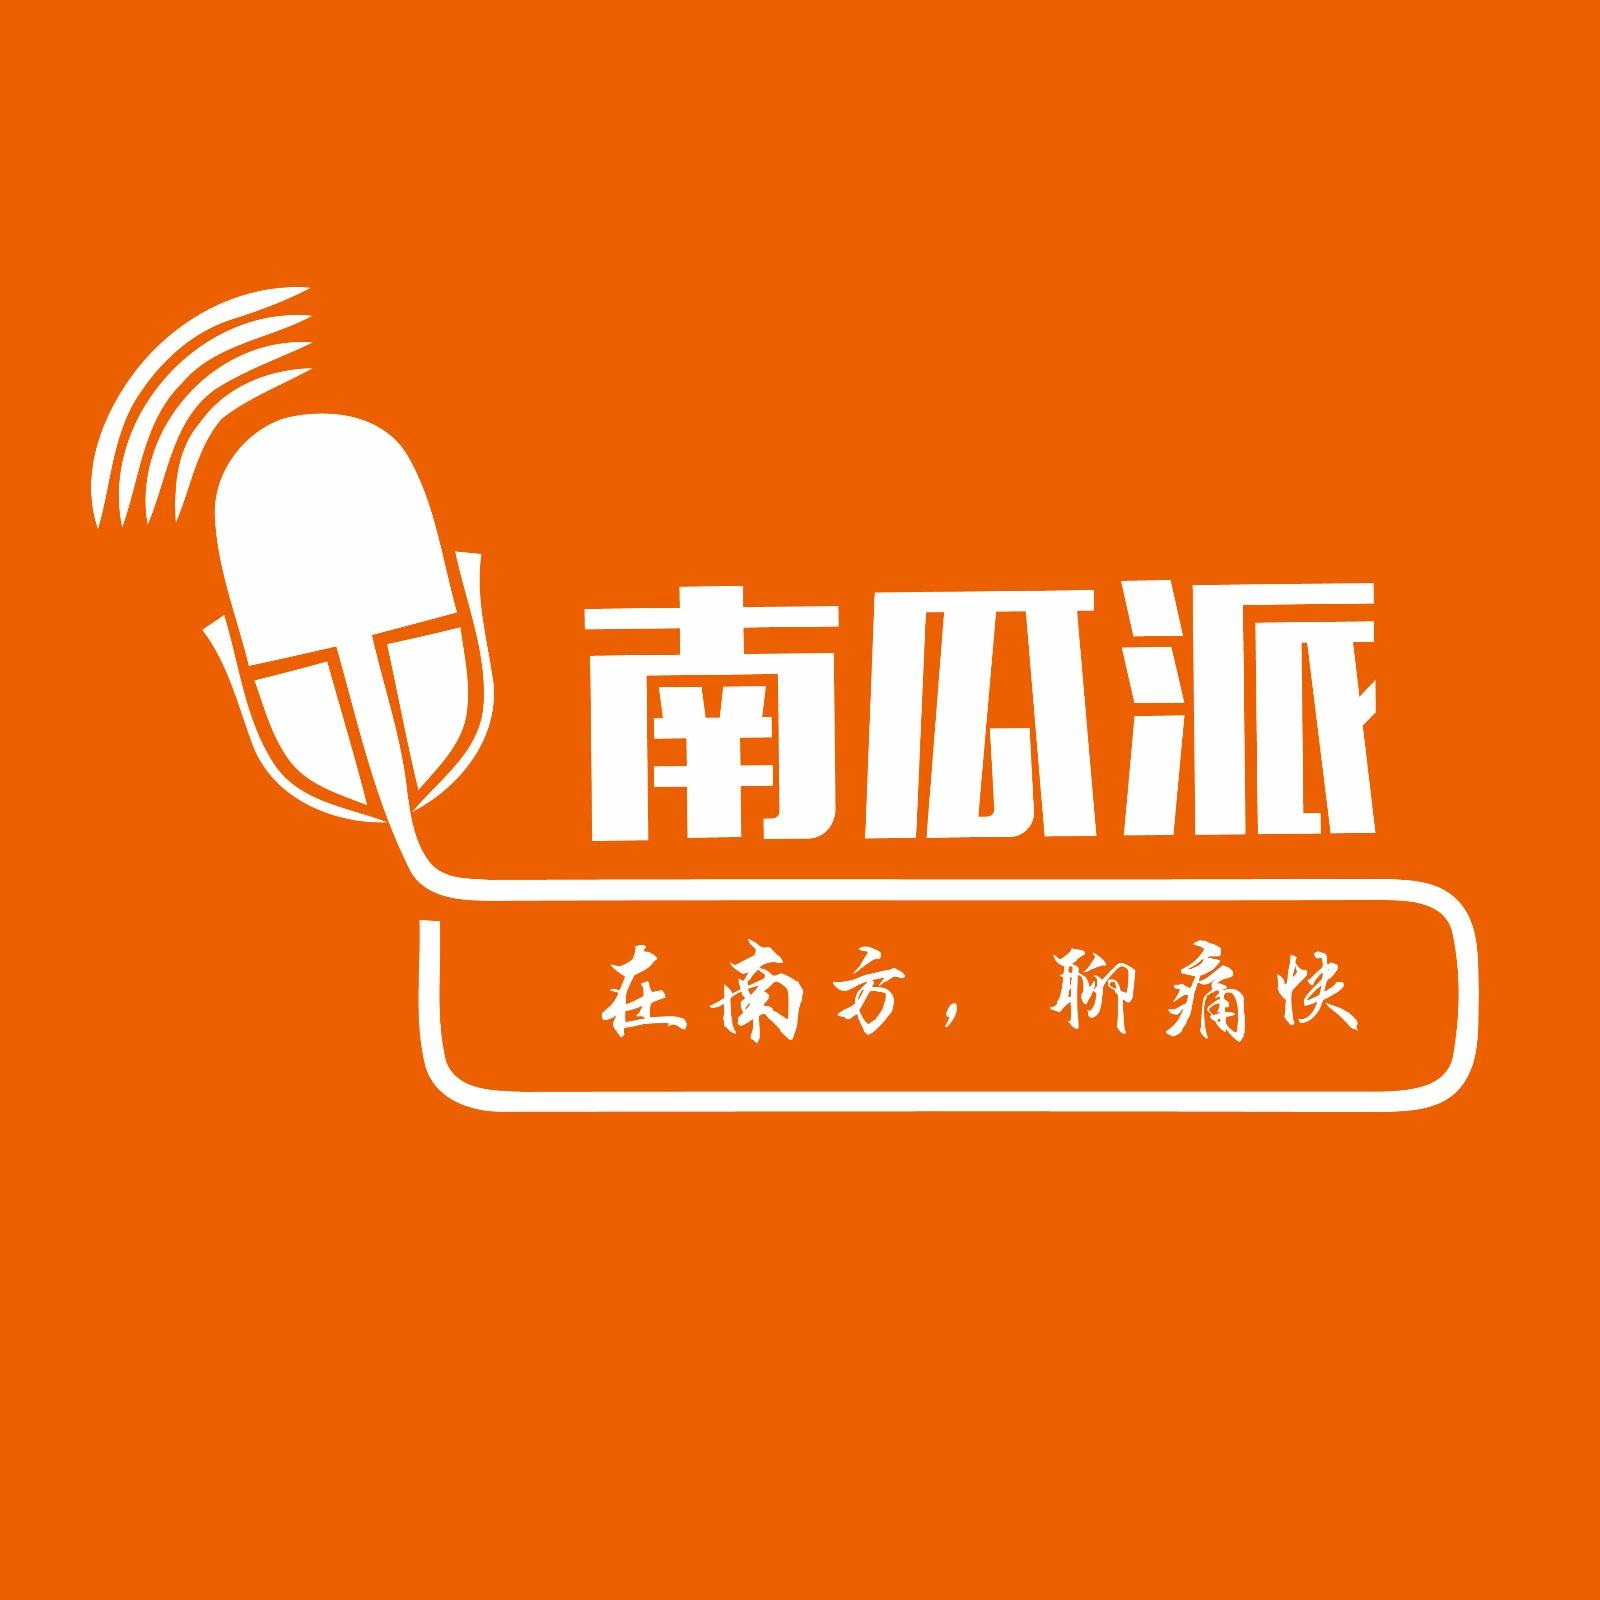 【南瓜派】在线收听_mp3下载